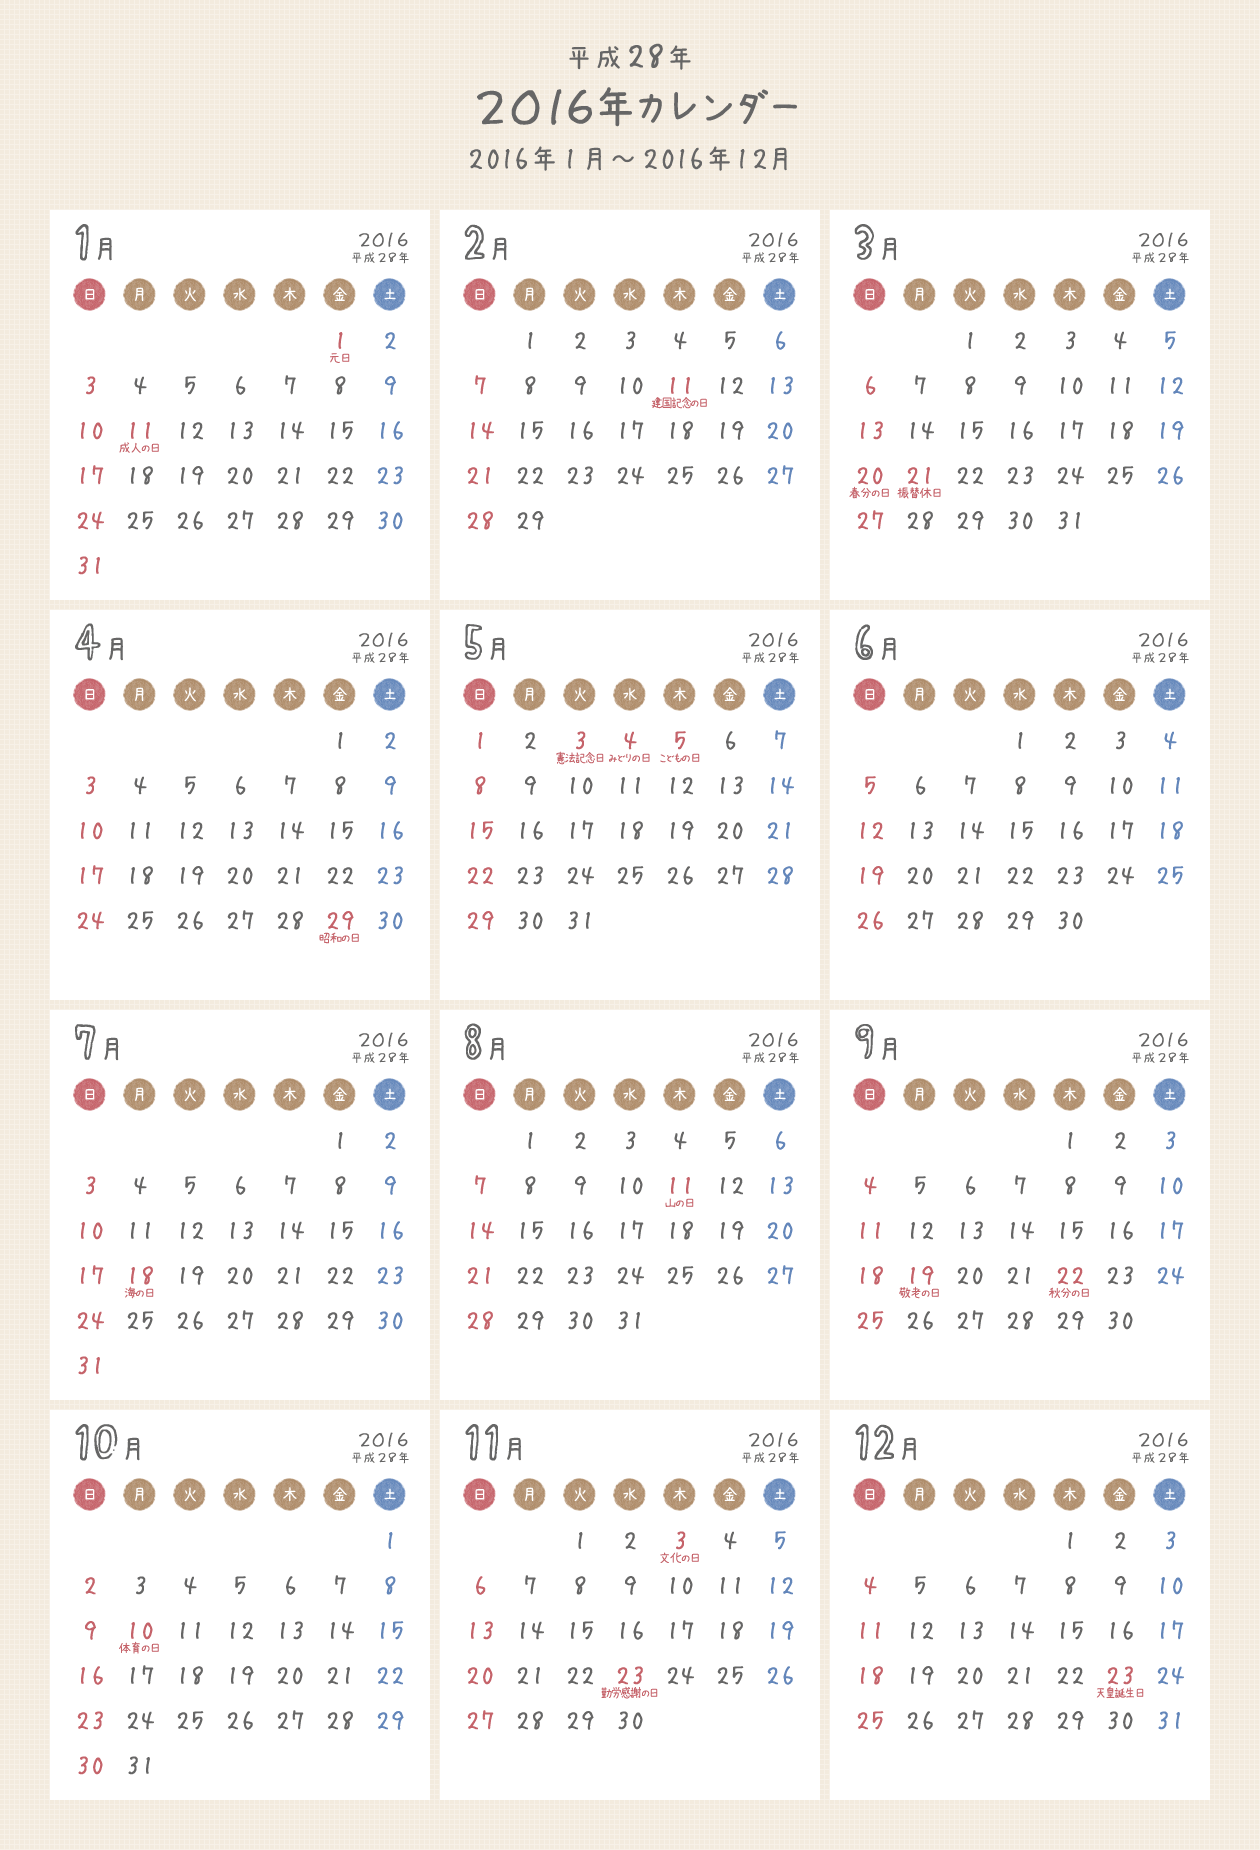 カレンダー 2016年カレンダー ダウンロード : 2016年(平成28年)かわいい年間 ...